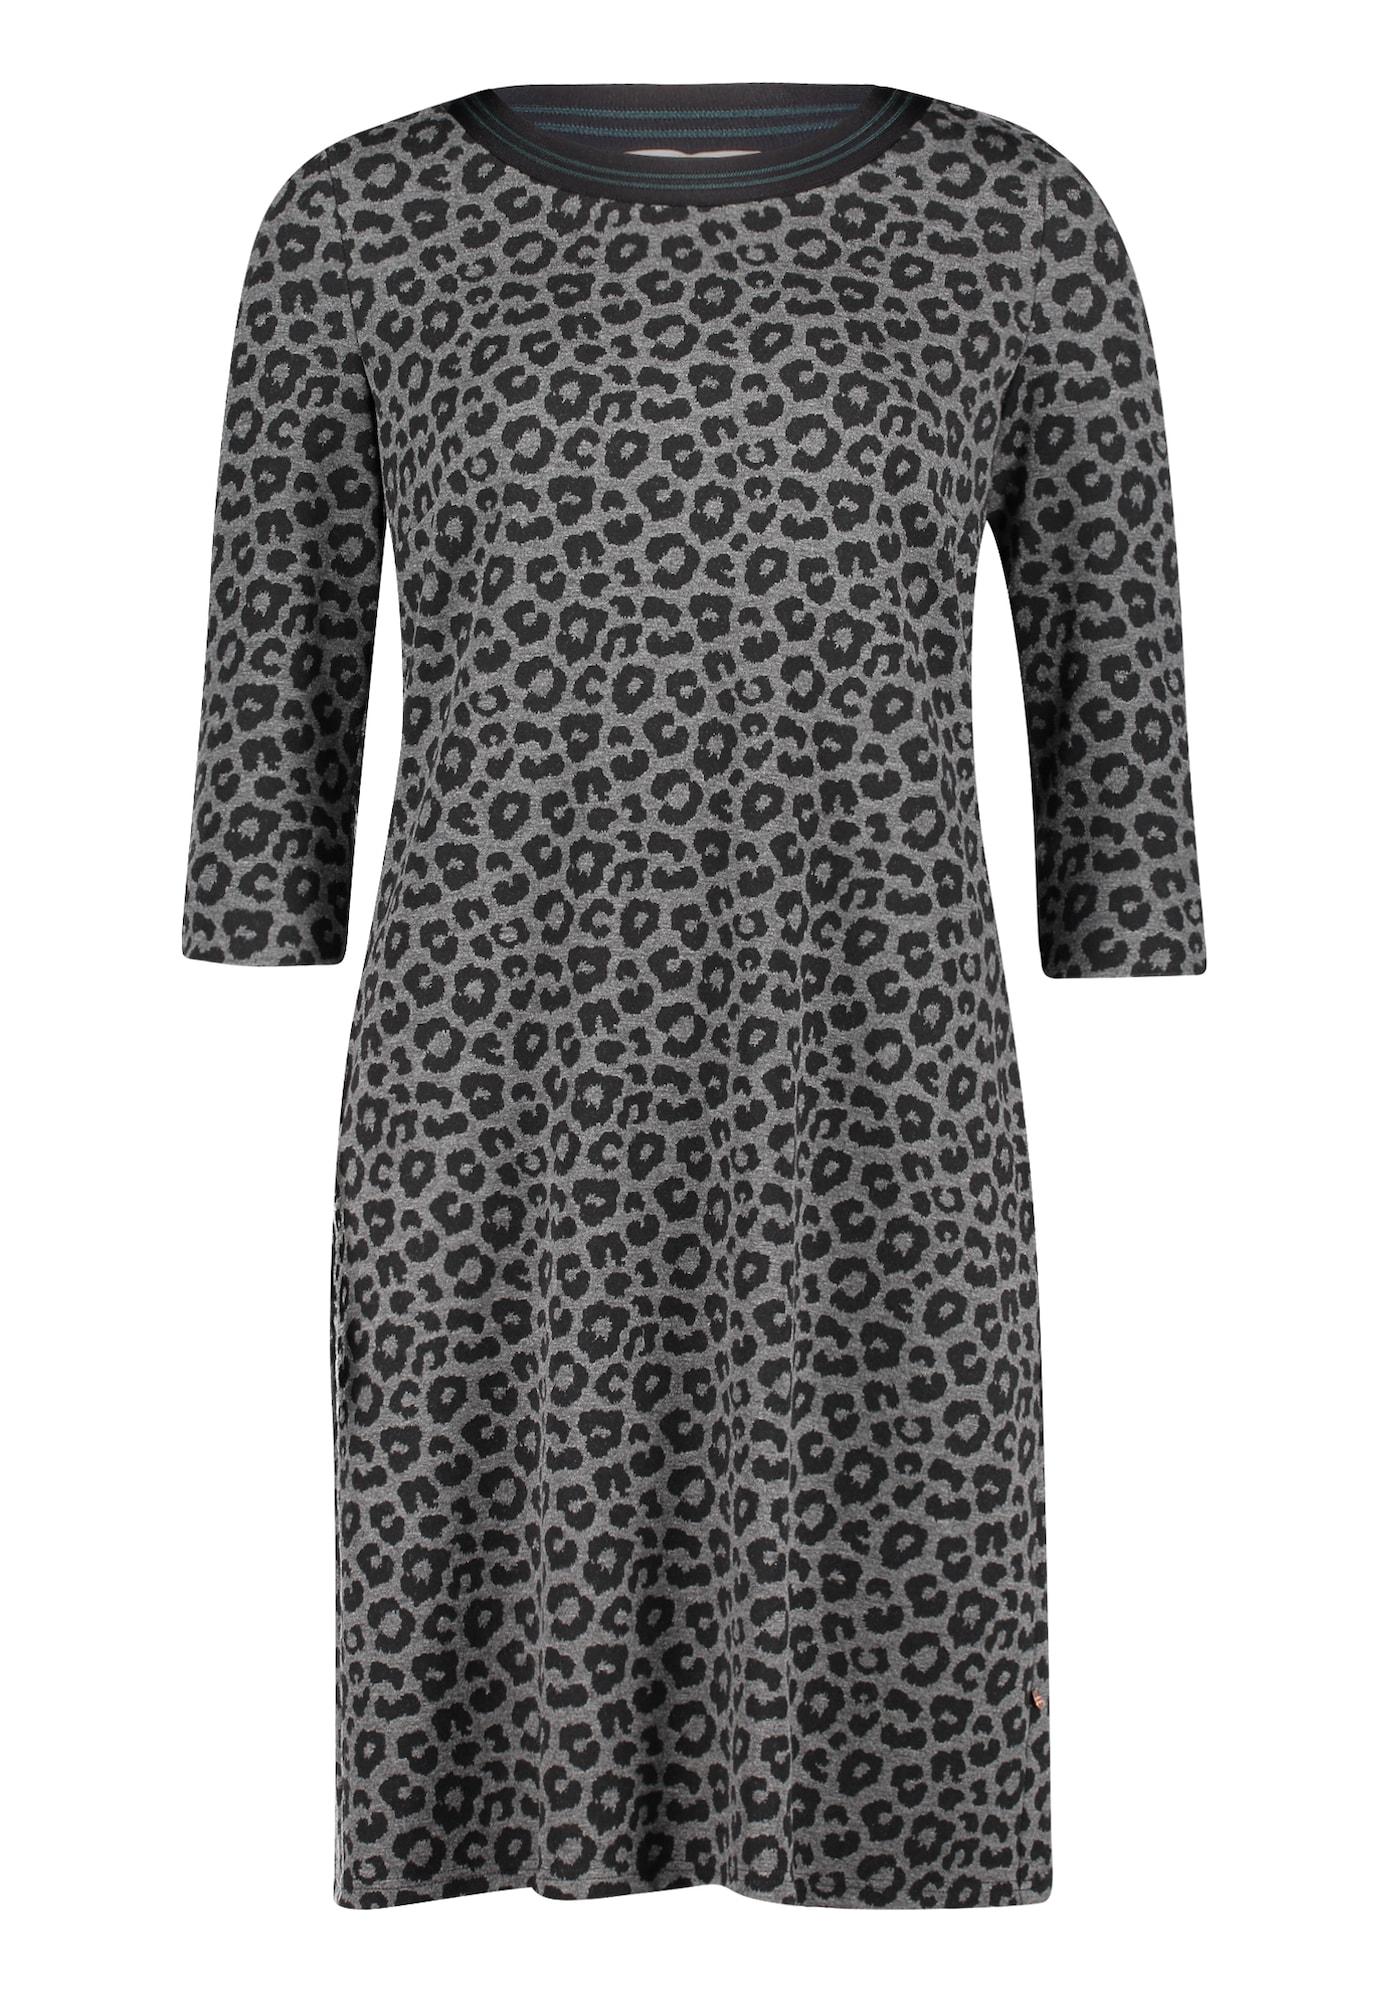 Jerseykleid   Bekleidung > Kleider > Jerseykleider   Vera Mont